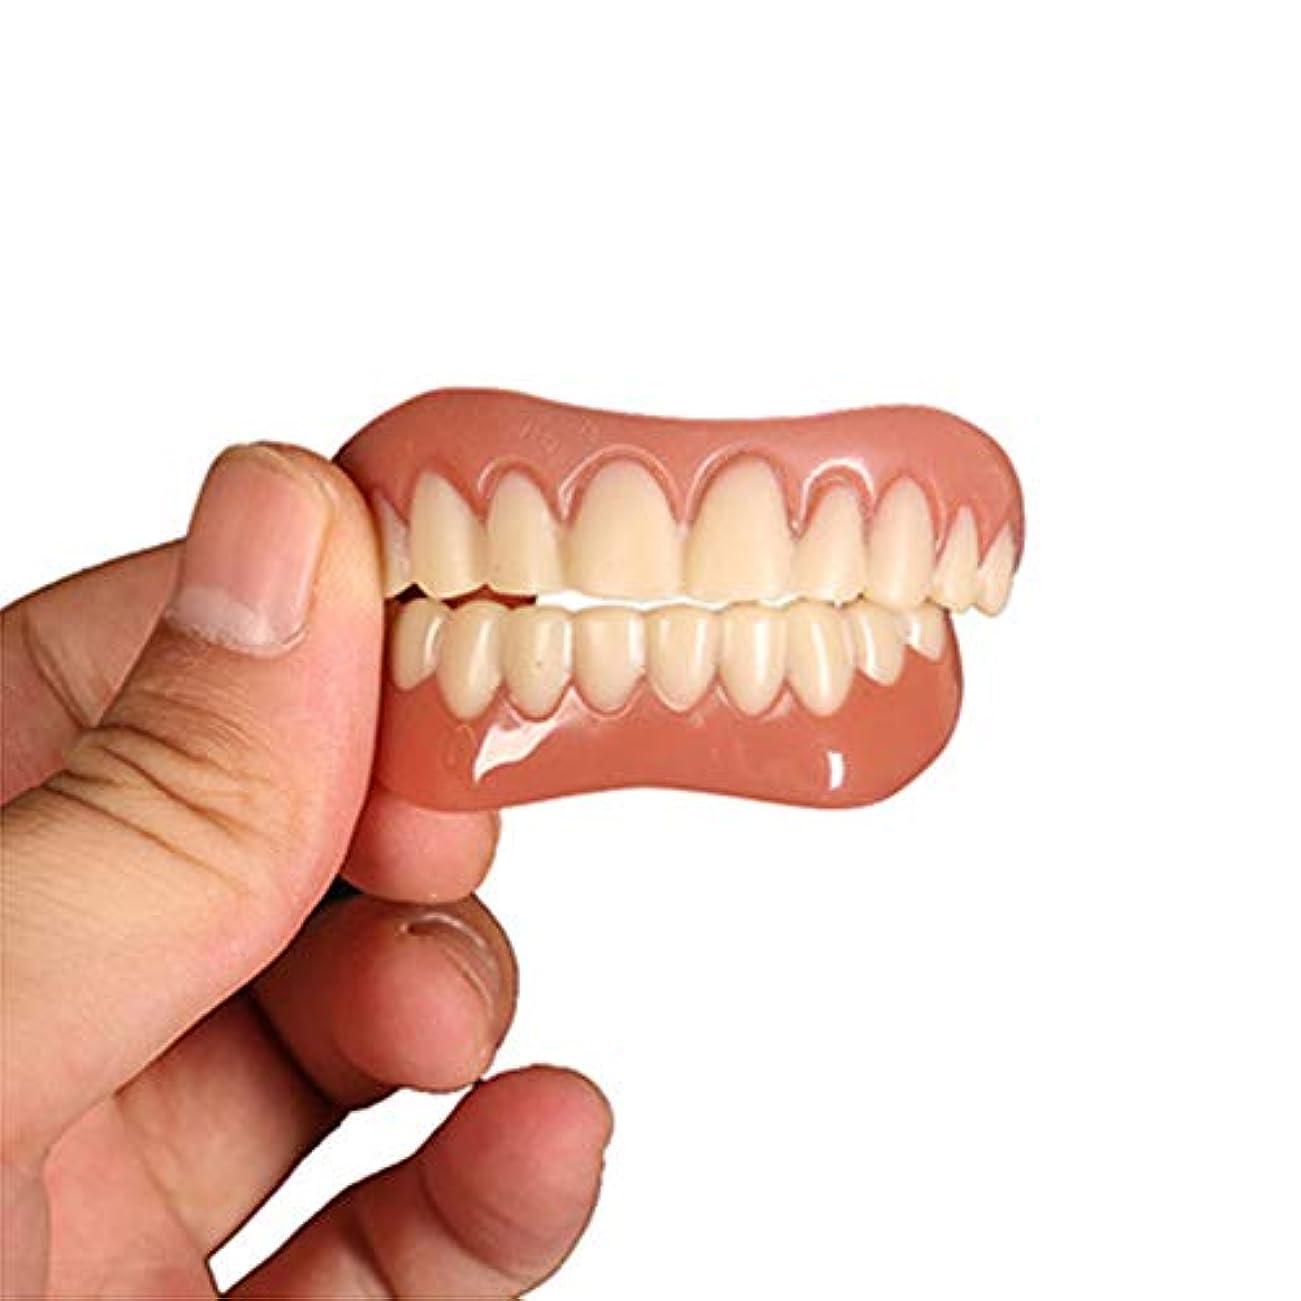 正当な小麦雰囲気6セット、化粧品の歯、白い歯をきれいにするための快適さにフィットするフレックス歯のソケット、化粧品の歯義歯の歯のトップ化粧品、